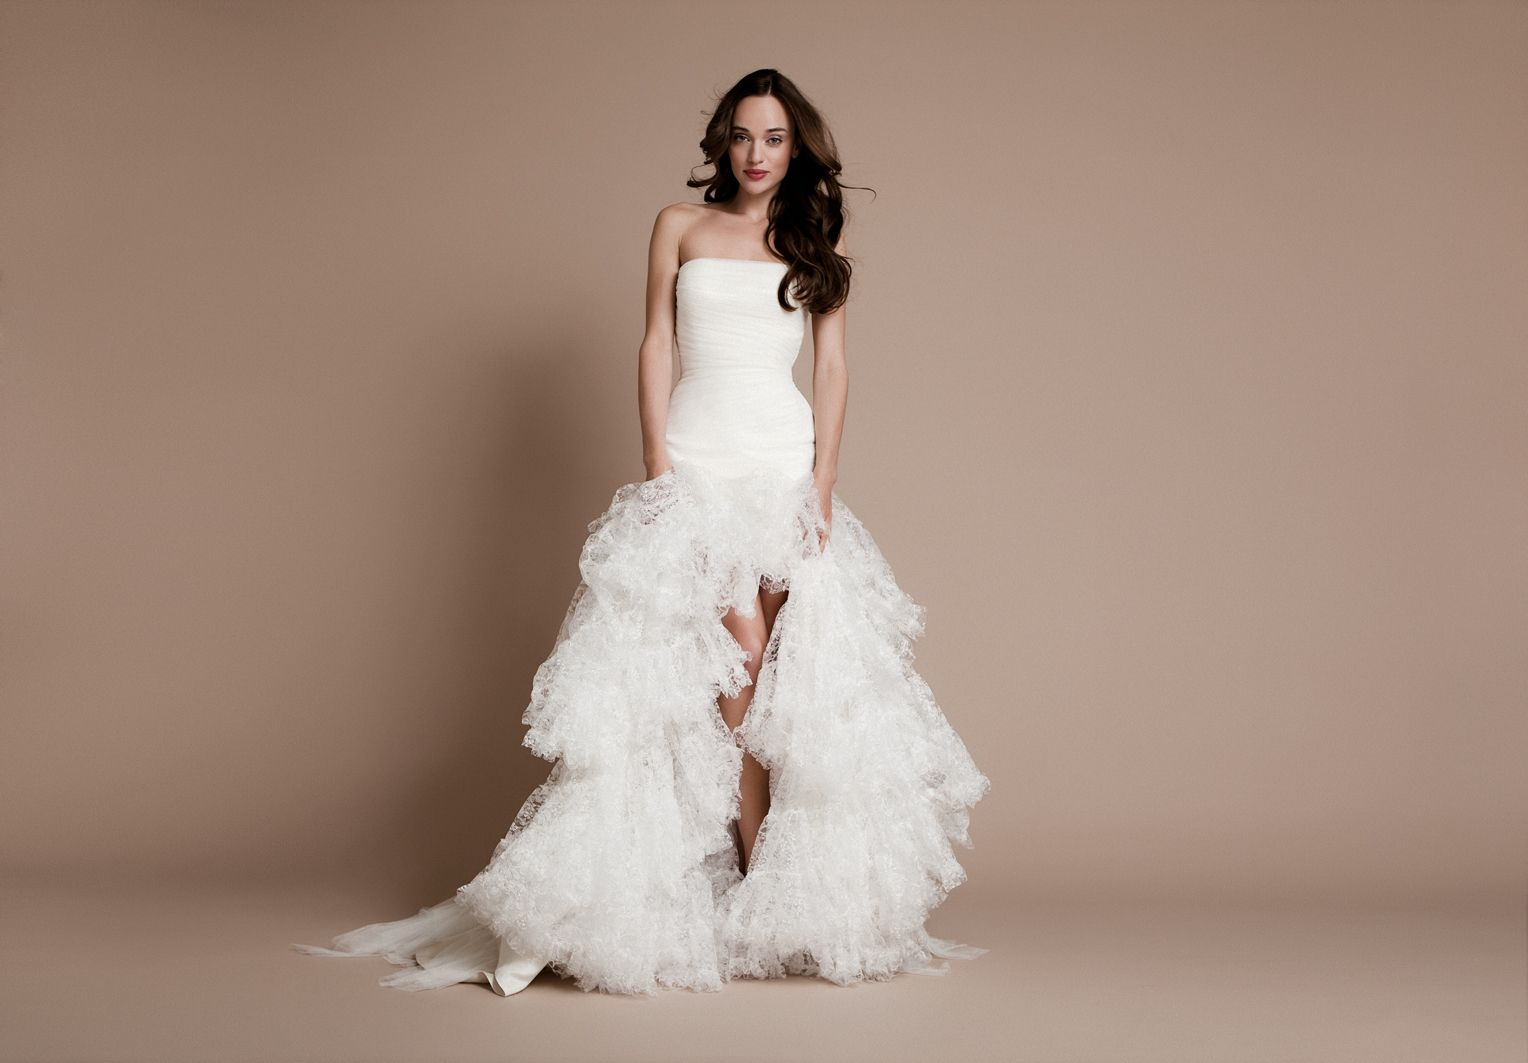 Shruthi In A Dreamy One Shoulder Pronovias Dress: Daalarna.com - Wedding Dresses - Forever - 165